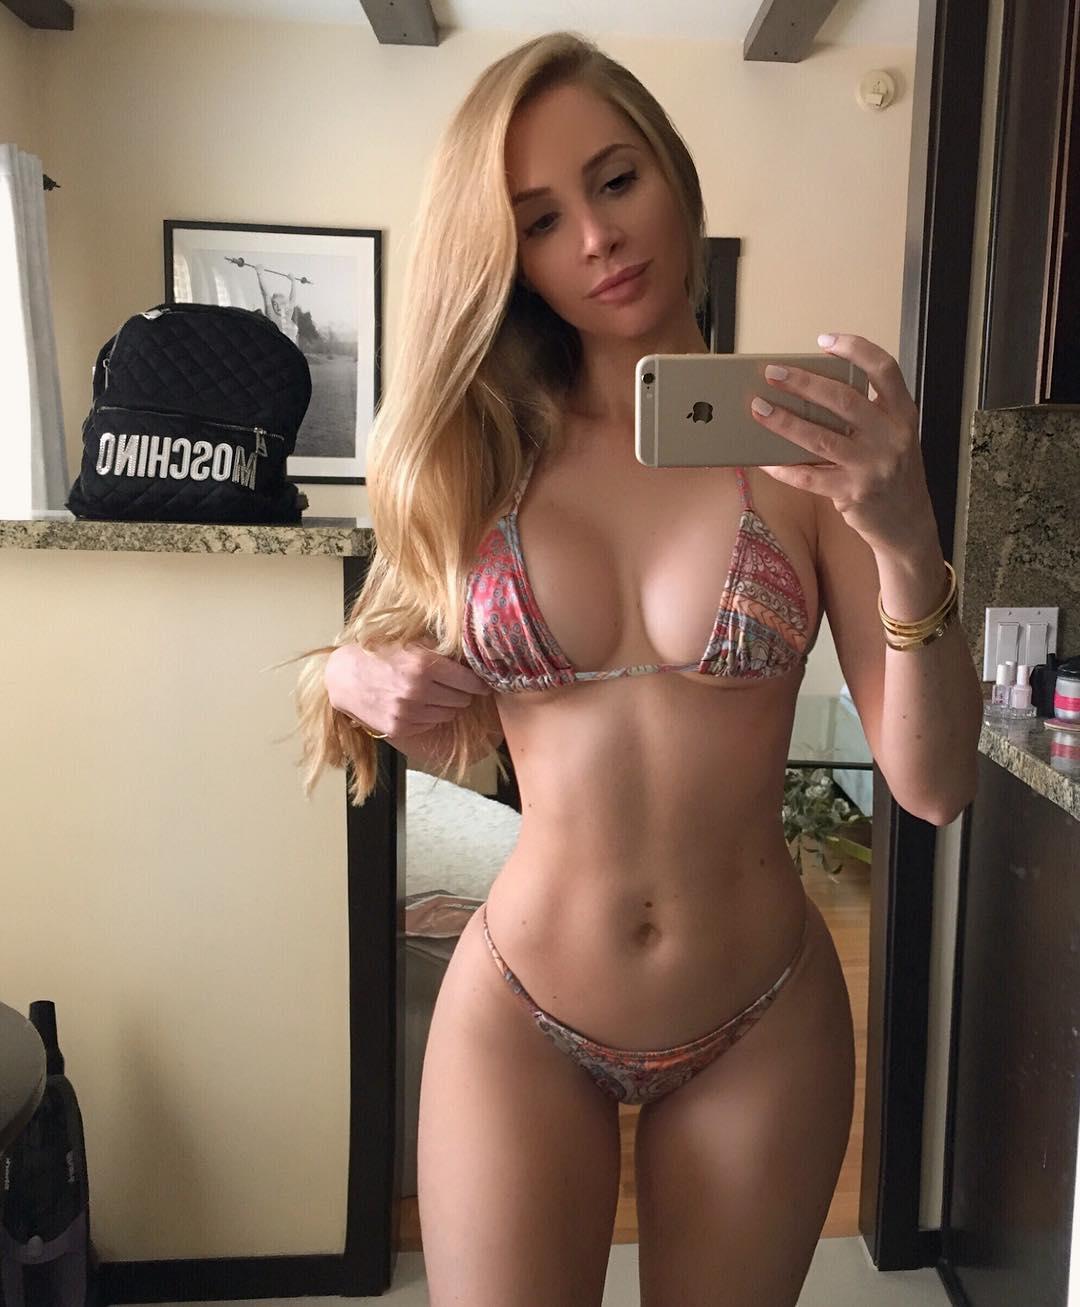 Amanda Elise Porn amanda elise lee pictures (207 images)